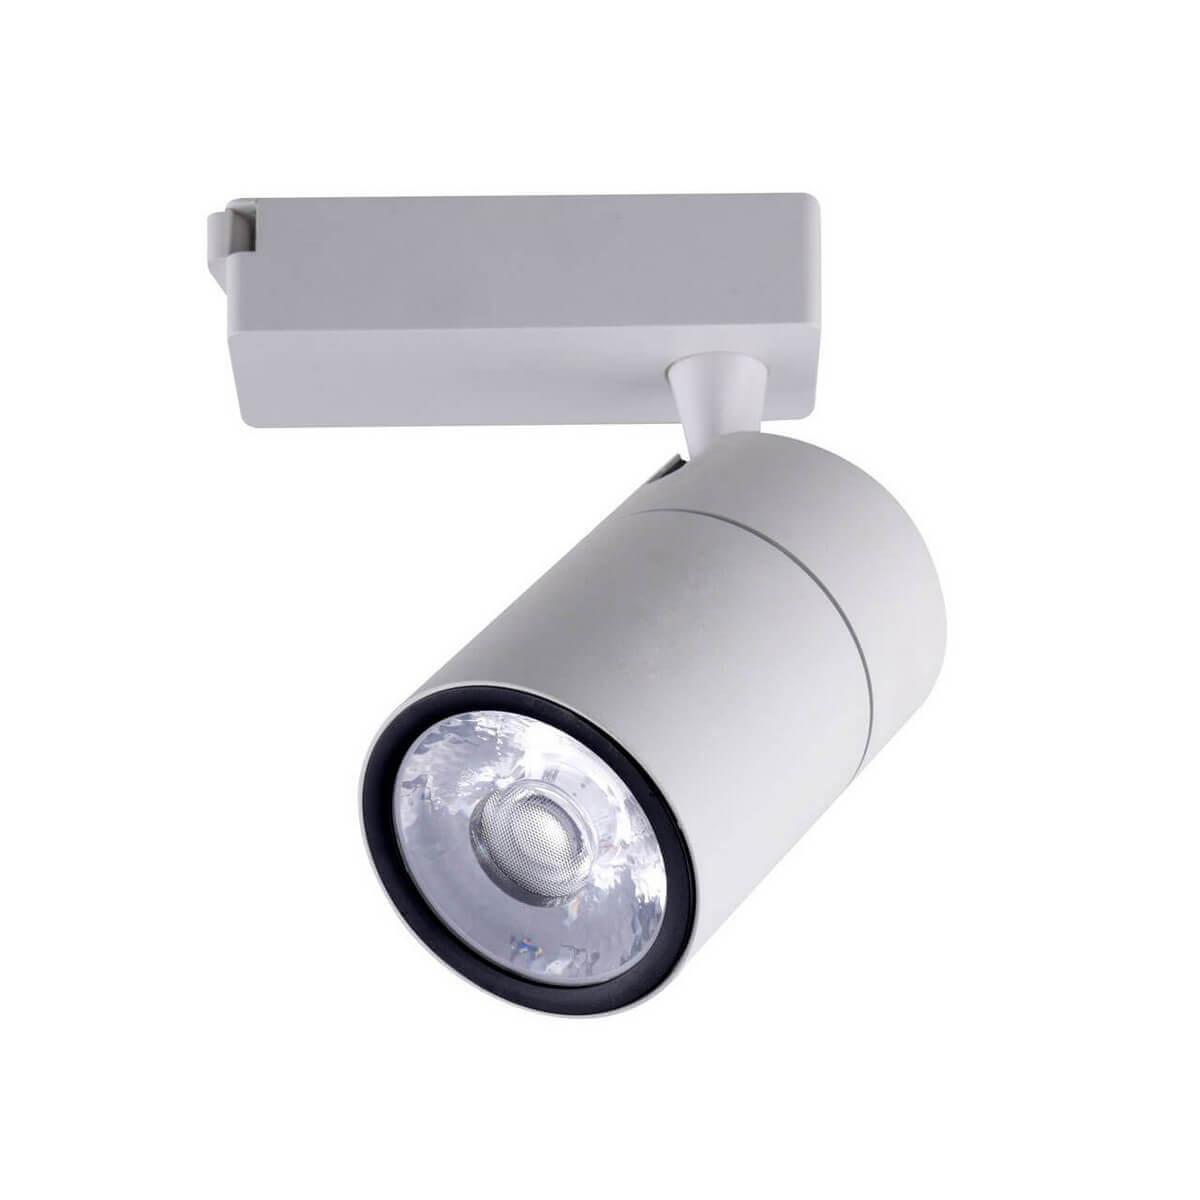 Трековый светодиодный светильник Kink Light Треки 6485,01 трековый светодиодный светильник kink light треки 6483 1 01